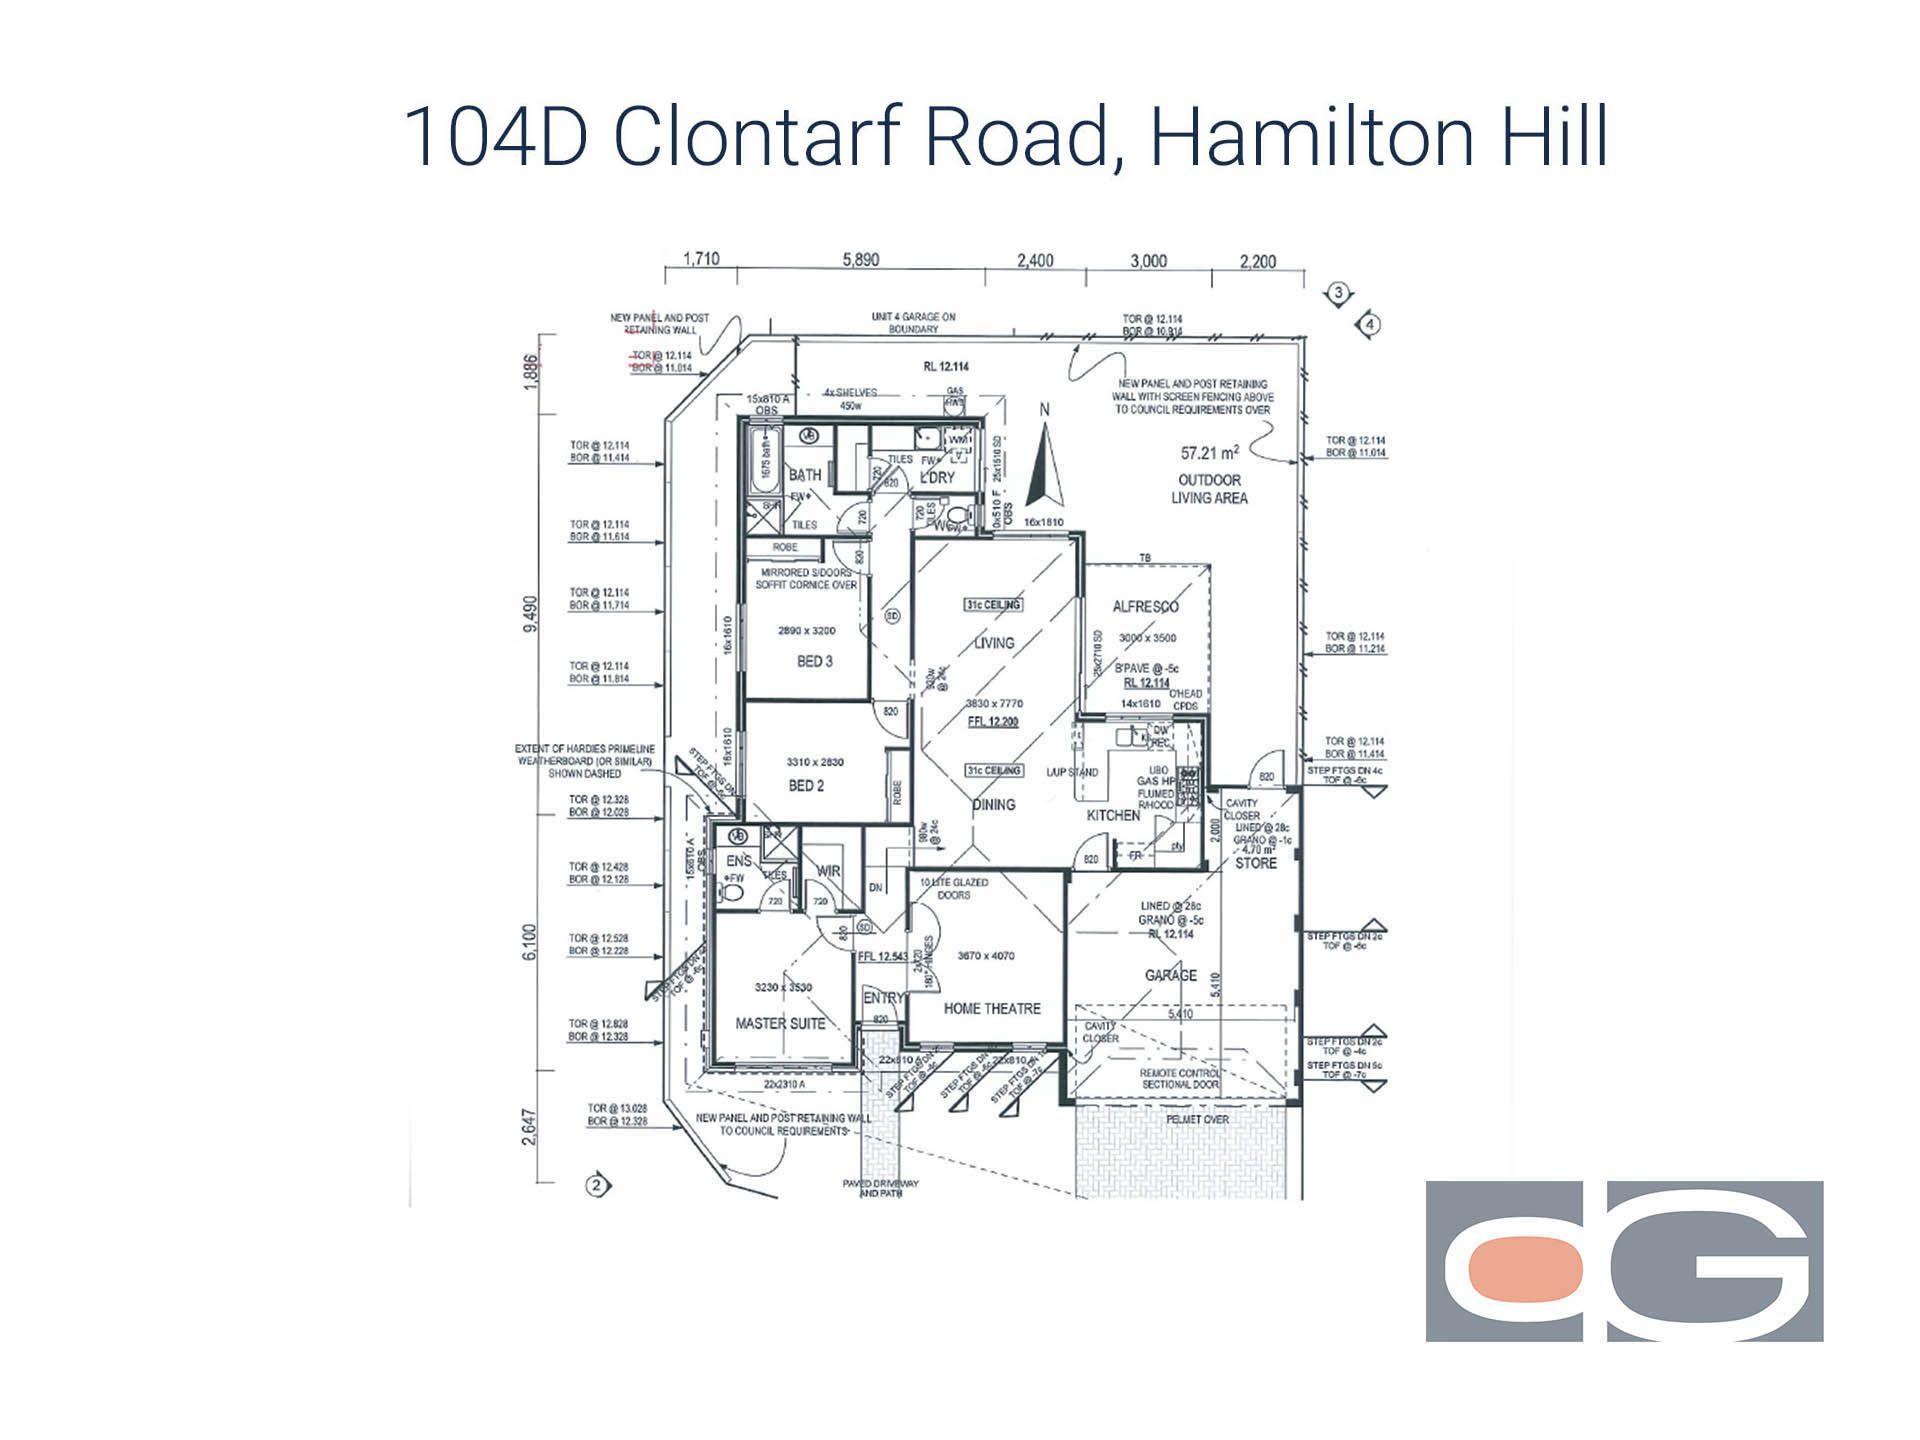 104D Clontarf Road, Hamilton Hill